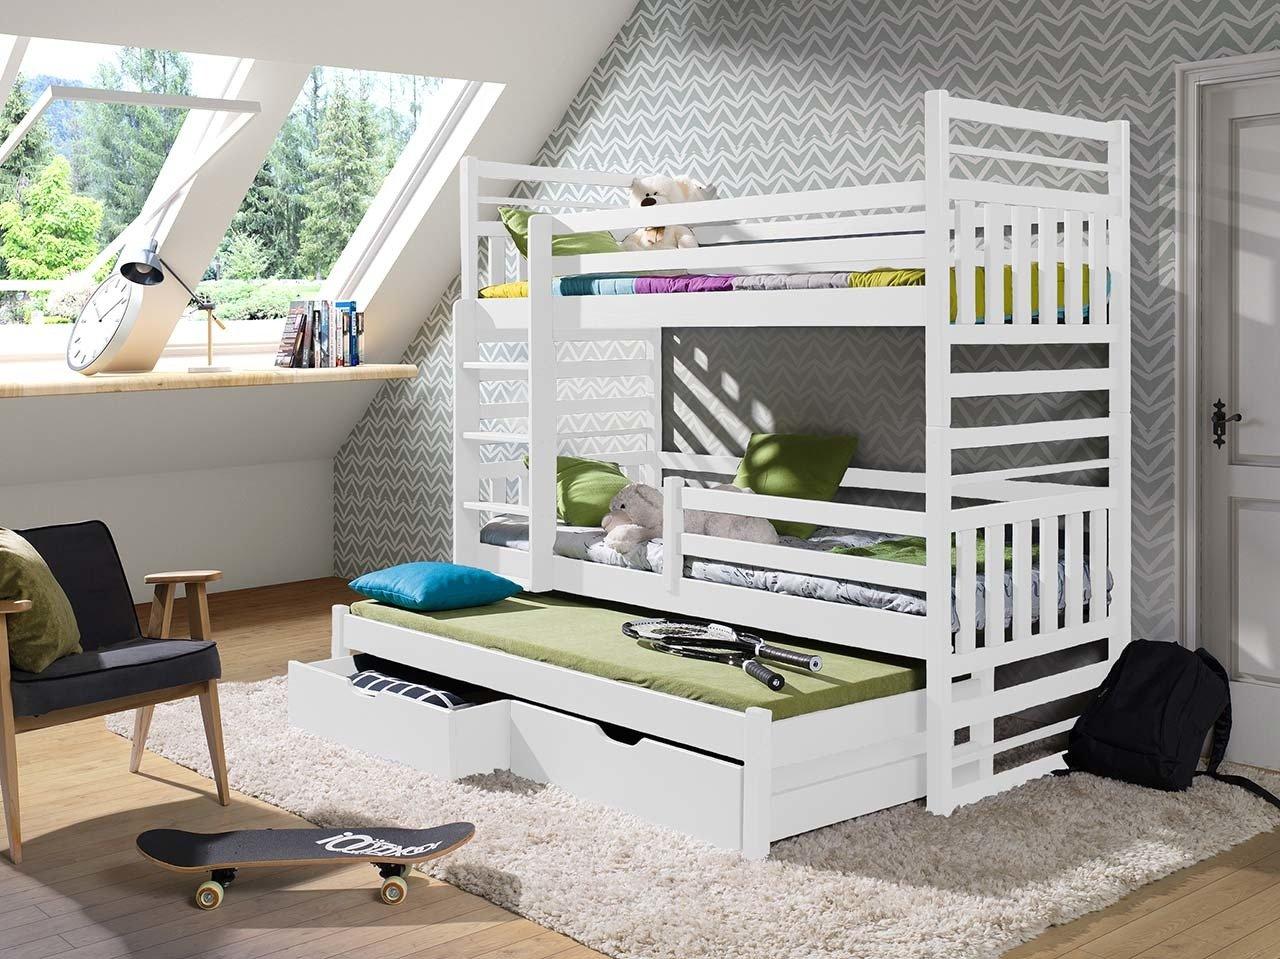 łóżko Piętrowe Hipolit 3 Osobowe Do Pokoju Młodzieżowego Z Materacami